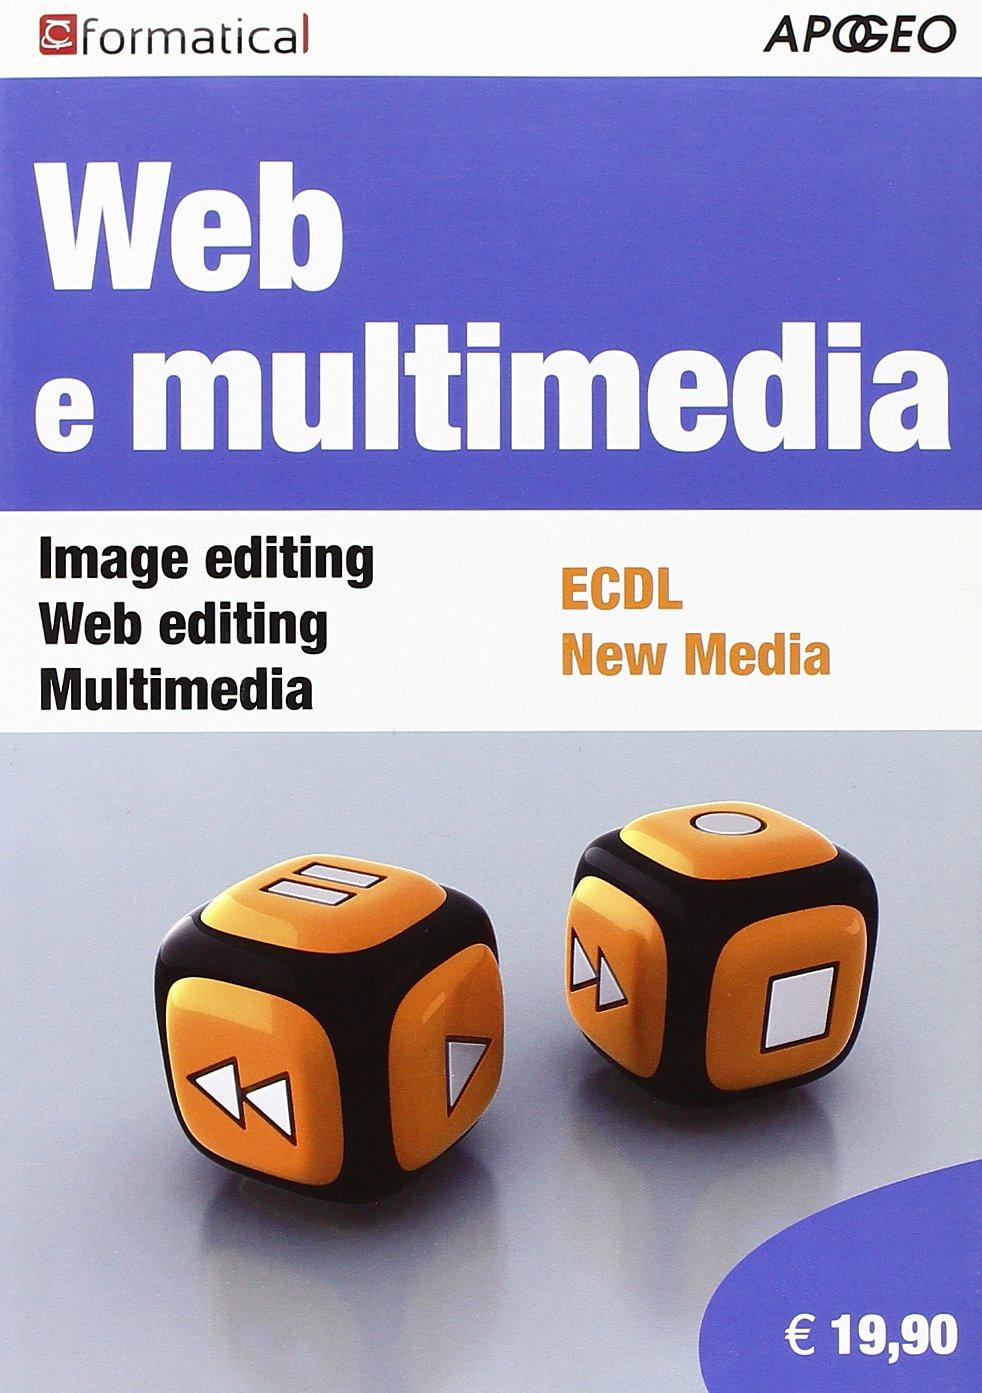 Web e multimedia Copertina flessibile – 19 set 2013 Formatica Apogeo Education 8838787344 Grafica e web-design